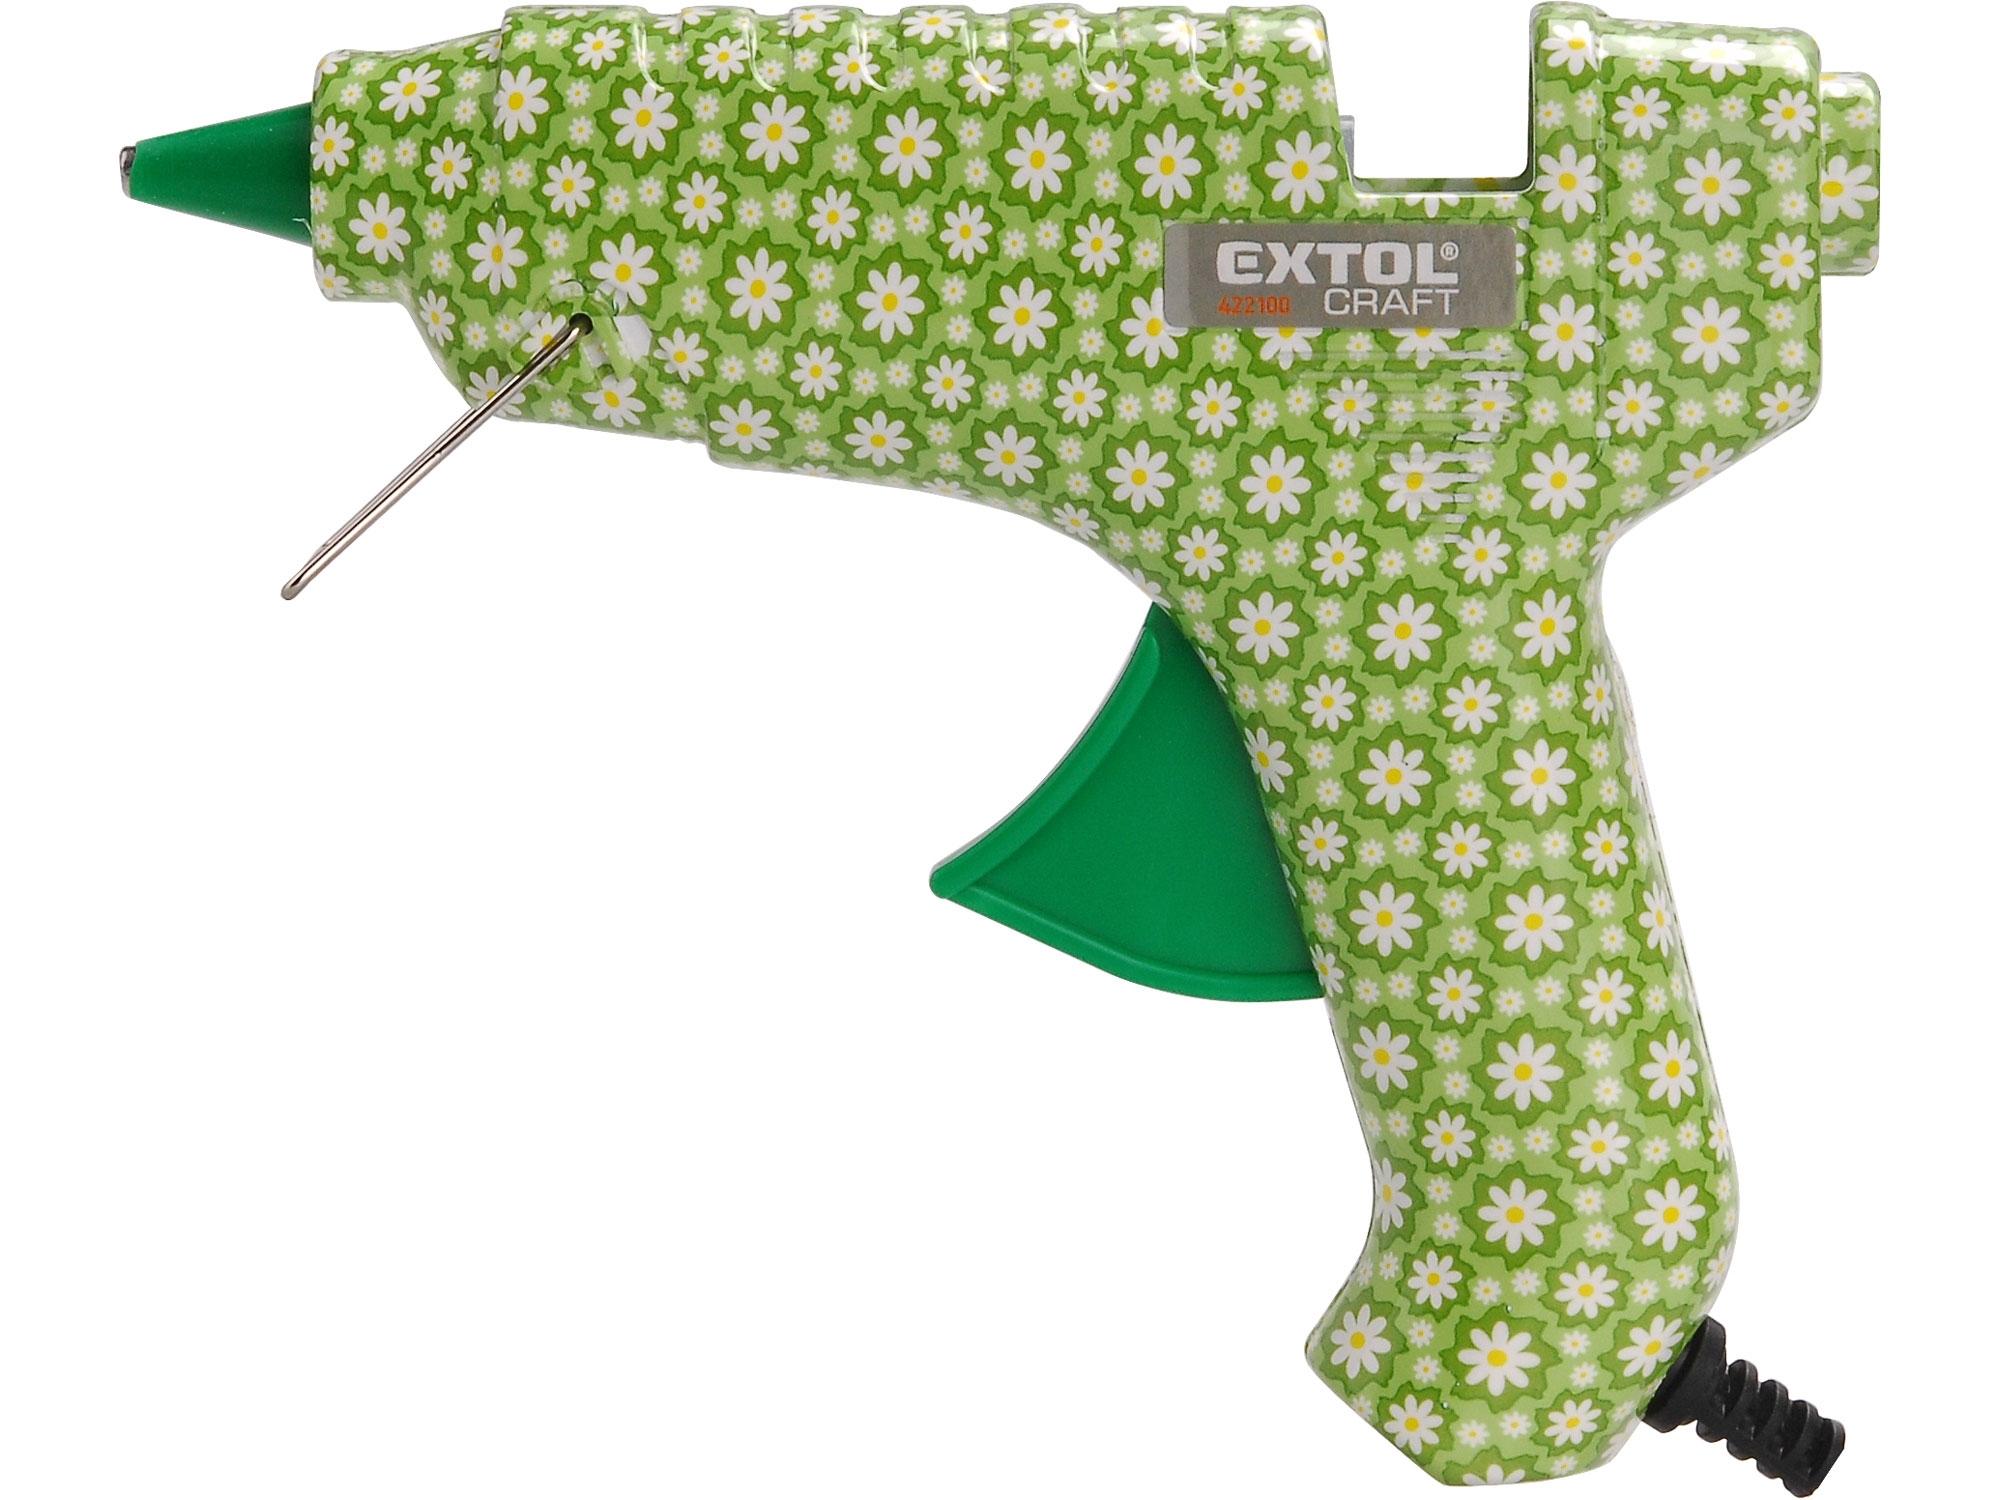 pistole tavná lepící, květinová, 40W, EXTOL CRAFT, 422100 422100